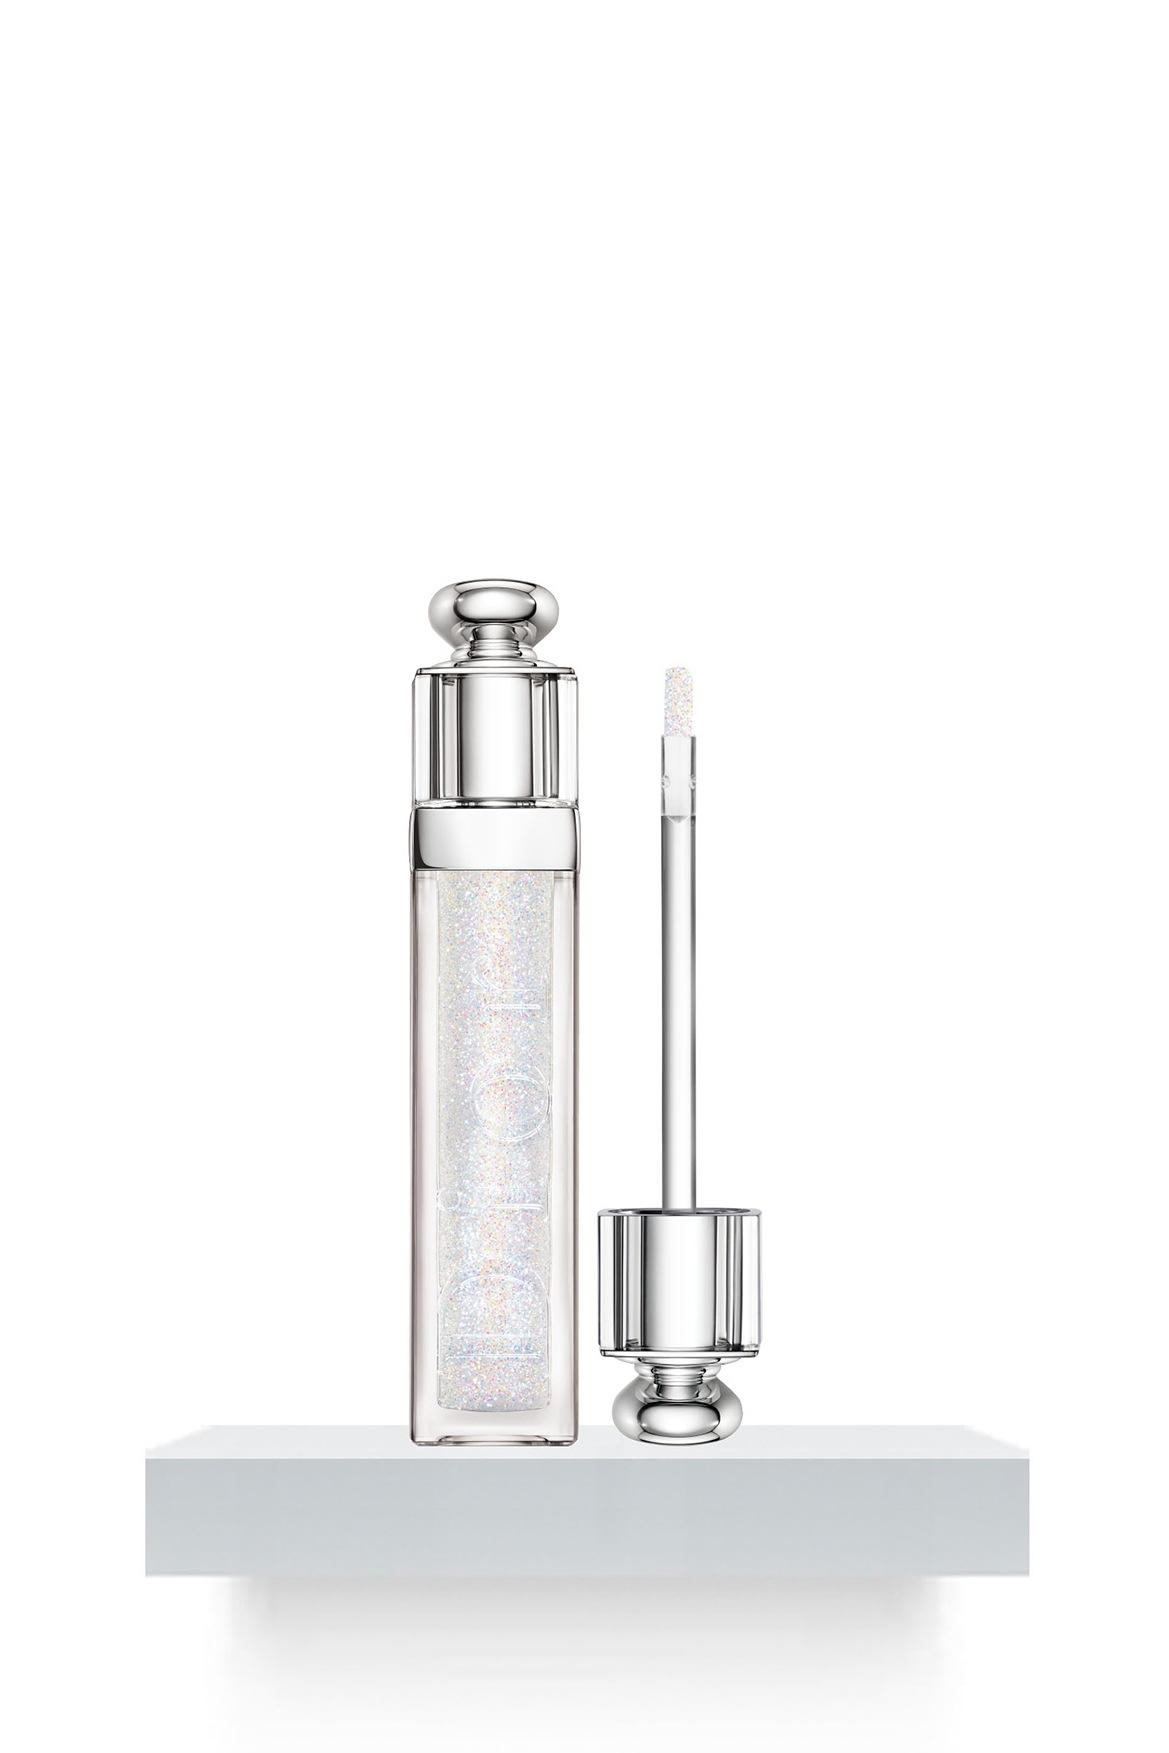 dior clear lip gloss